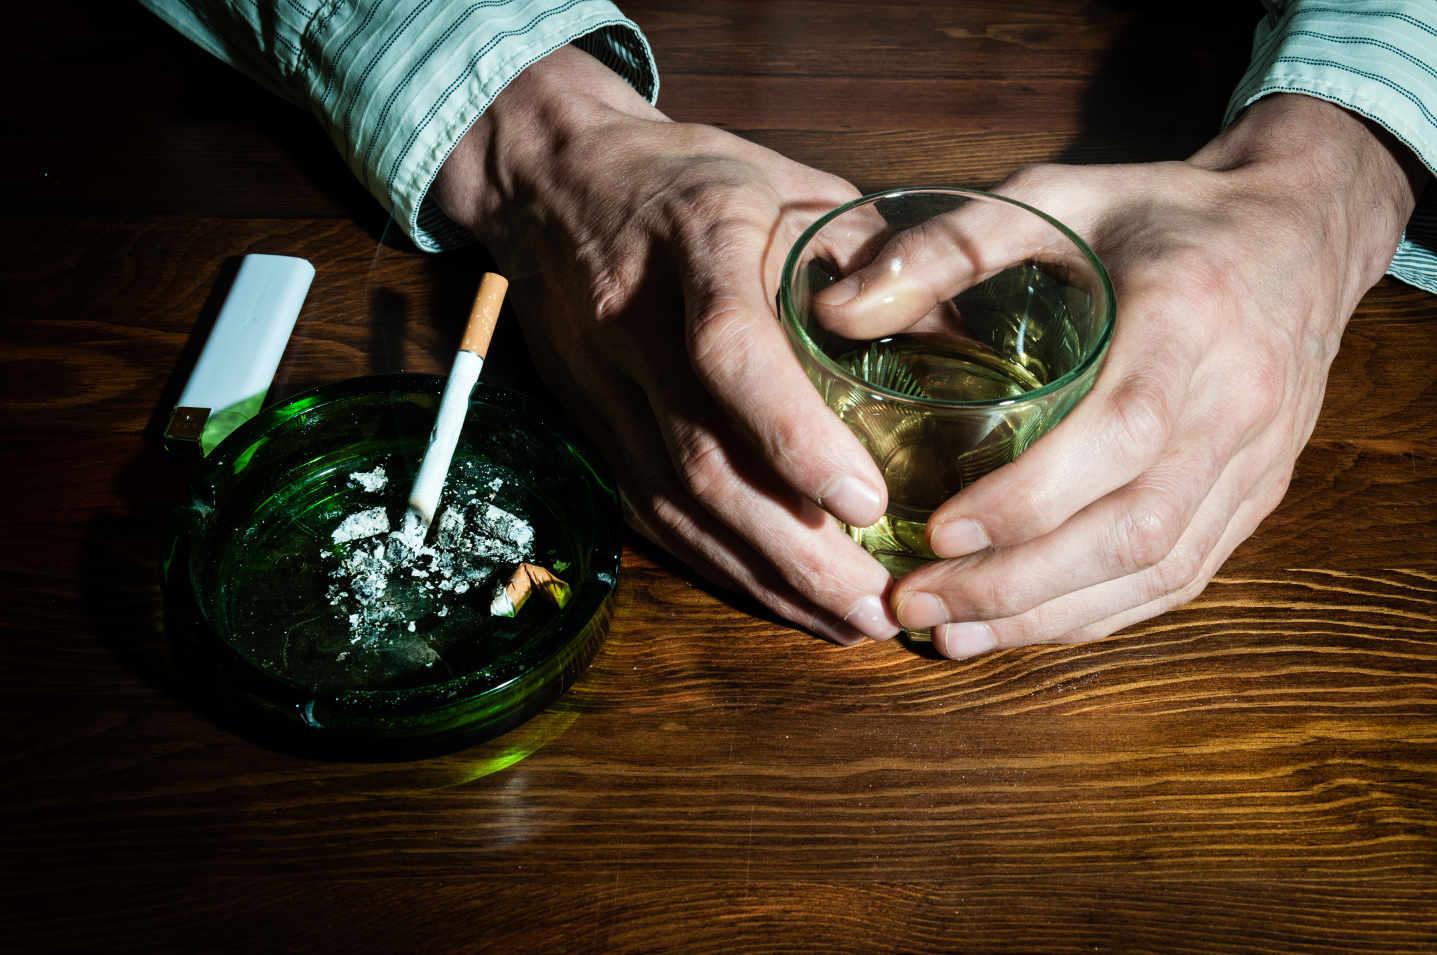 Die negativen Seiten des Alkohols (Alkoholsucht)